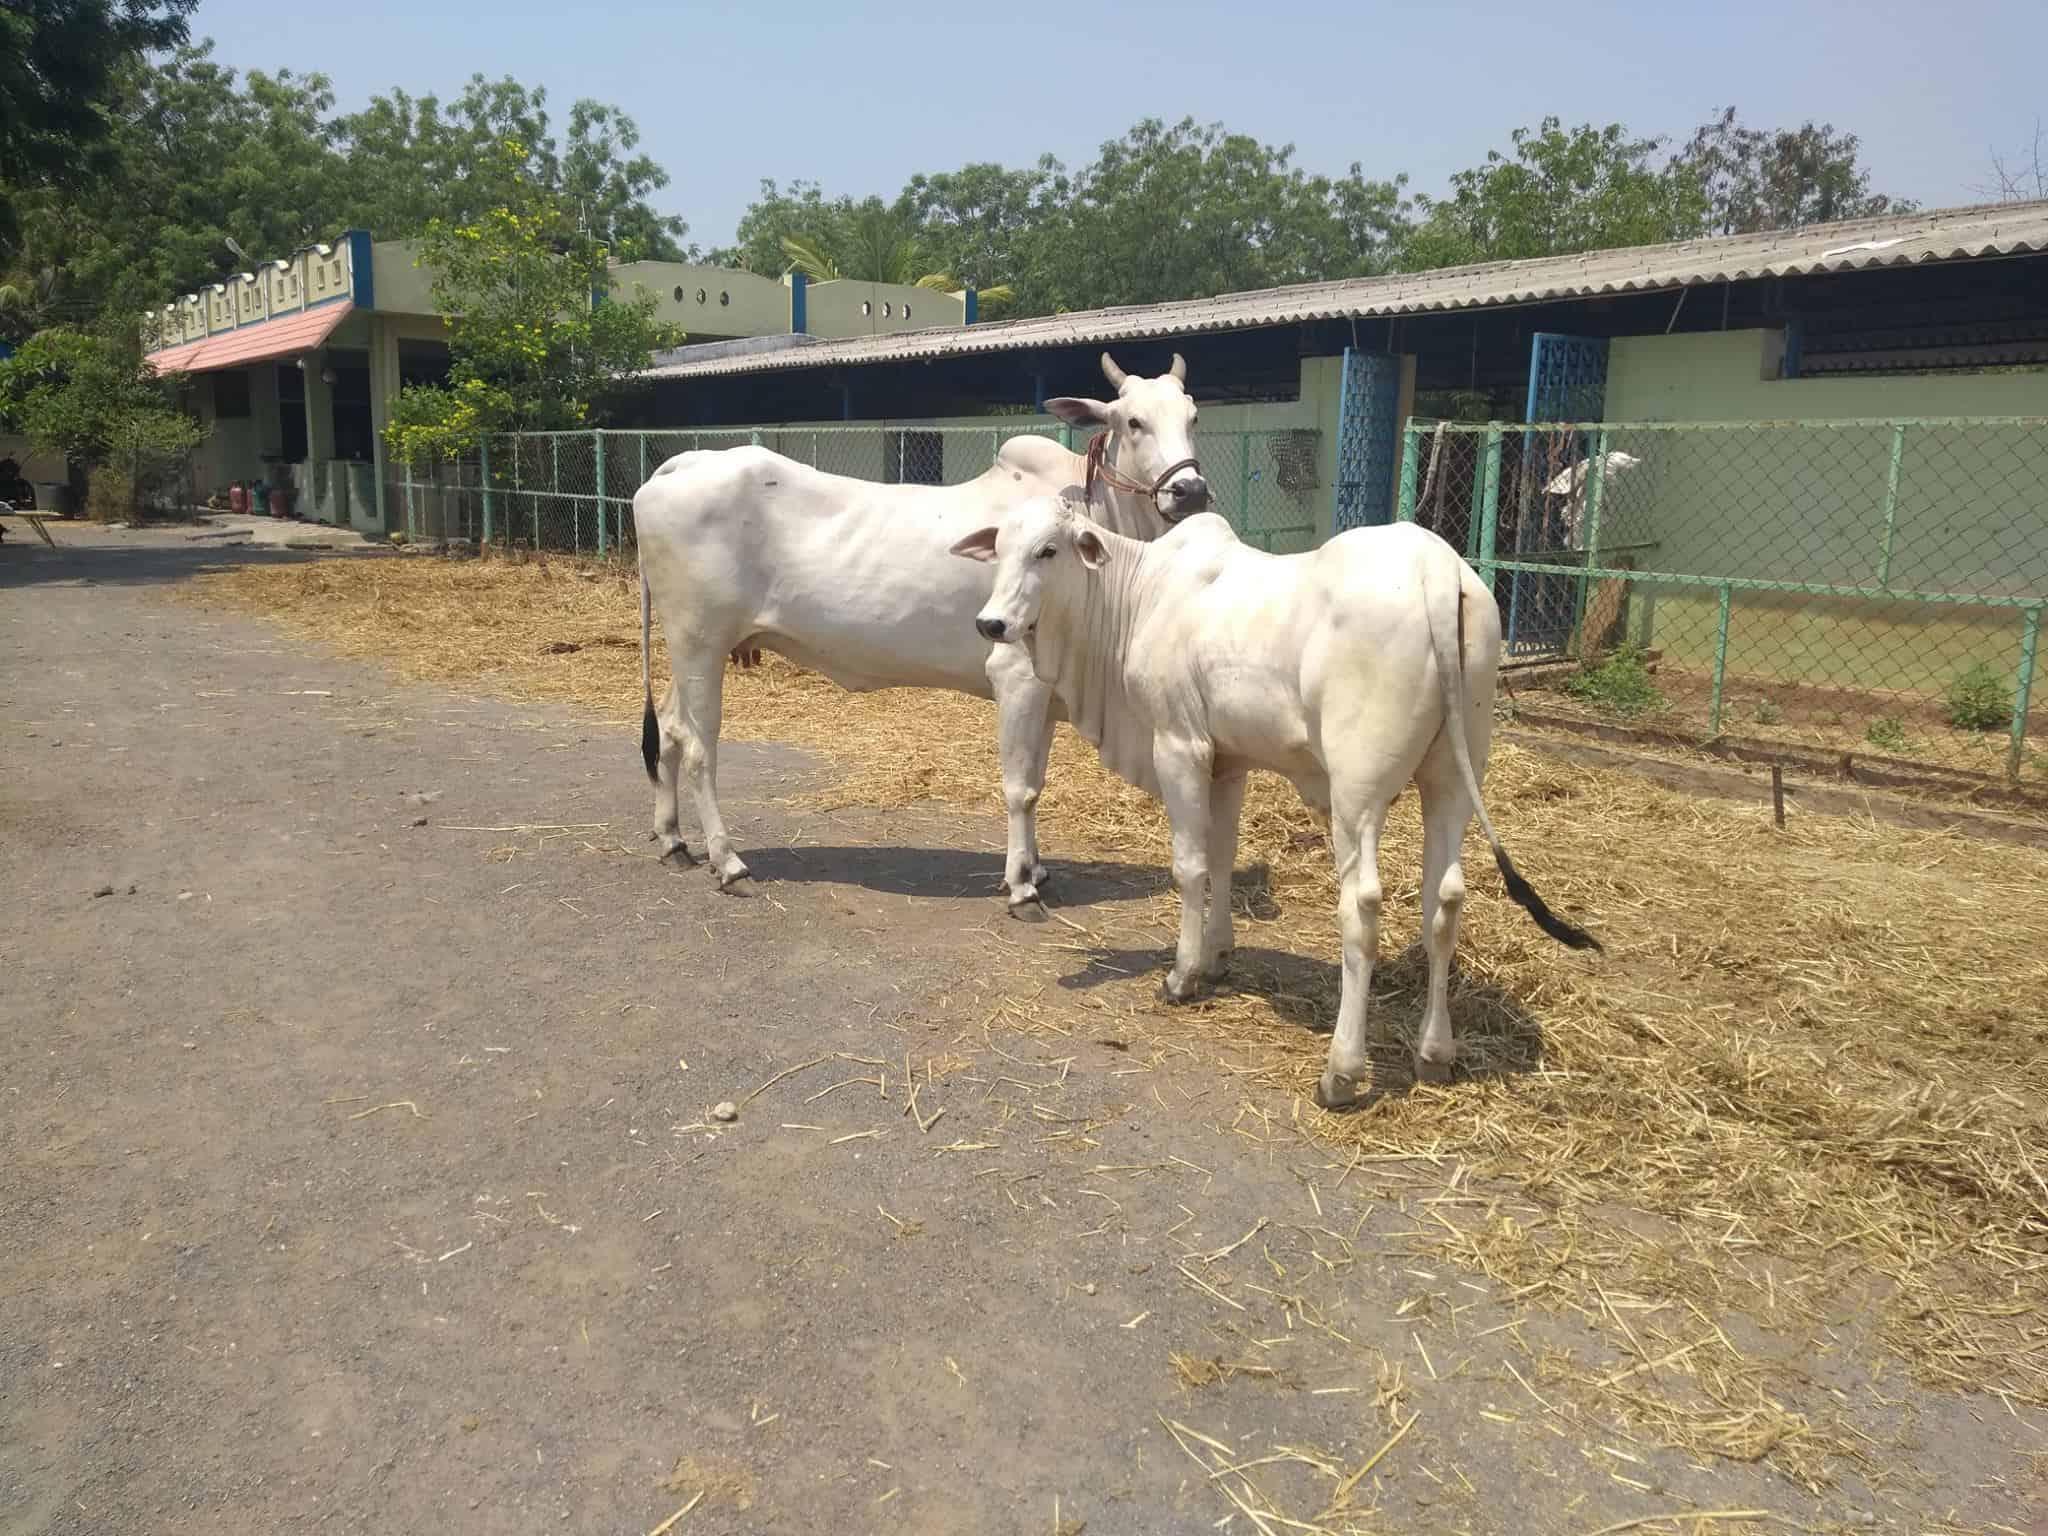 Cute Pair of White Cow